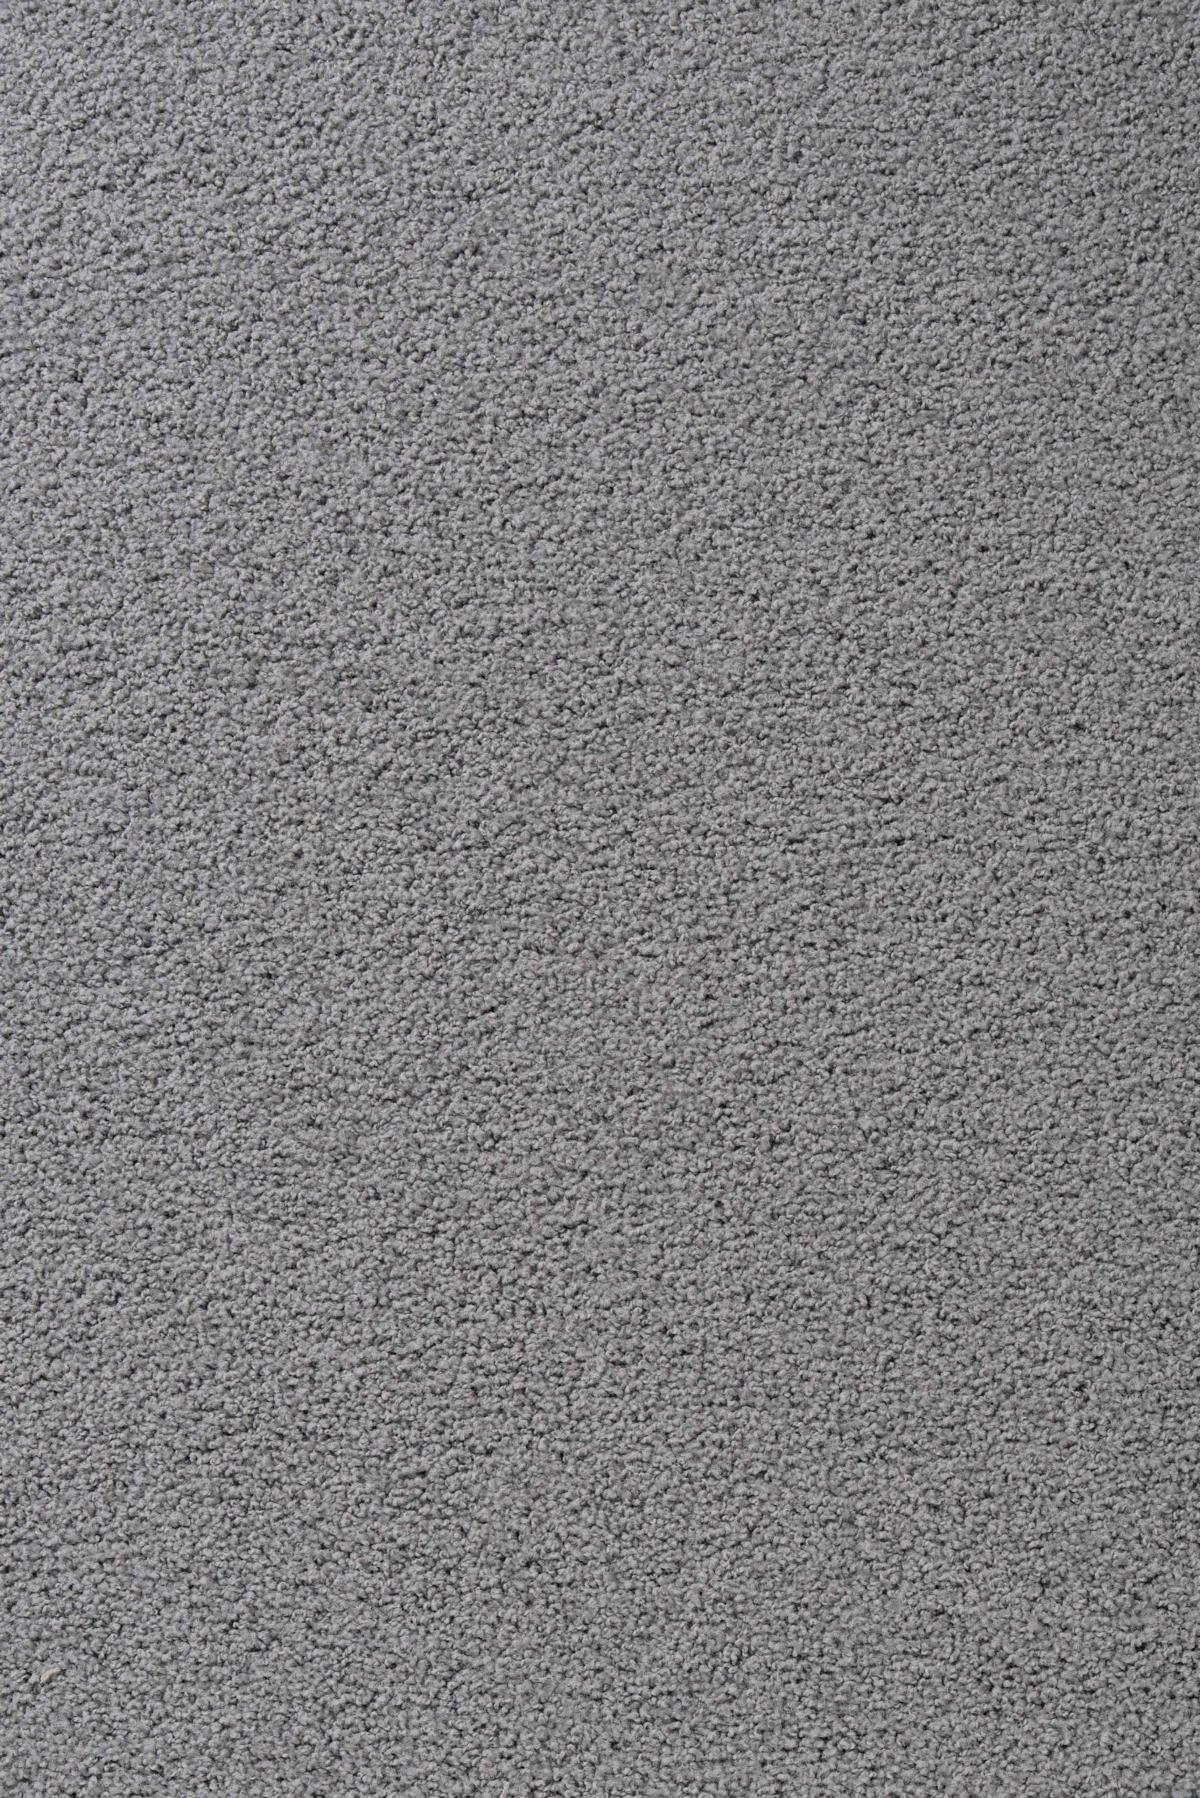 vorwerk teppich exclusive 1009 sl sonic 5v41 room up. Black Bedroom Furniture Sets. Home Design Ideas